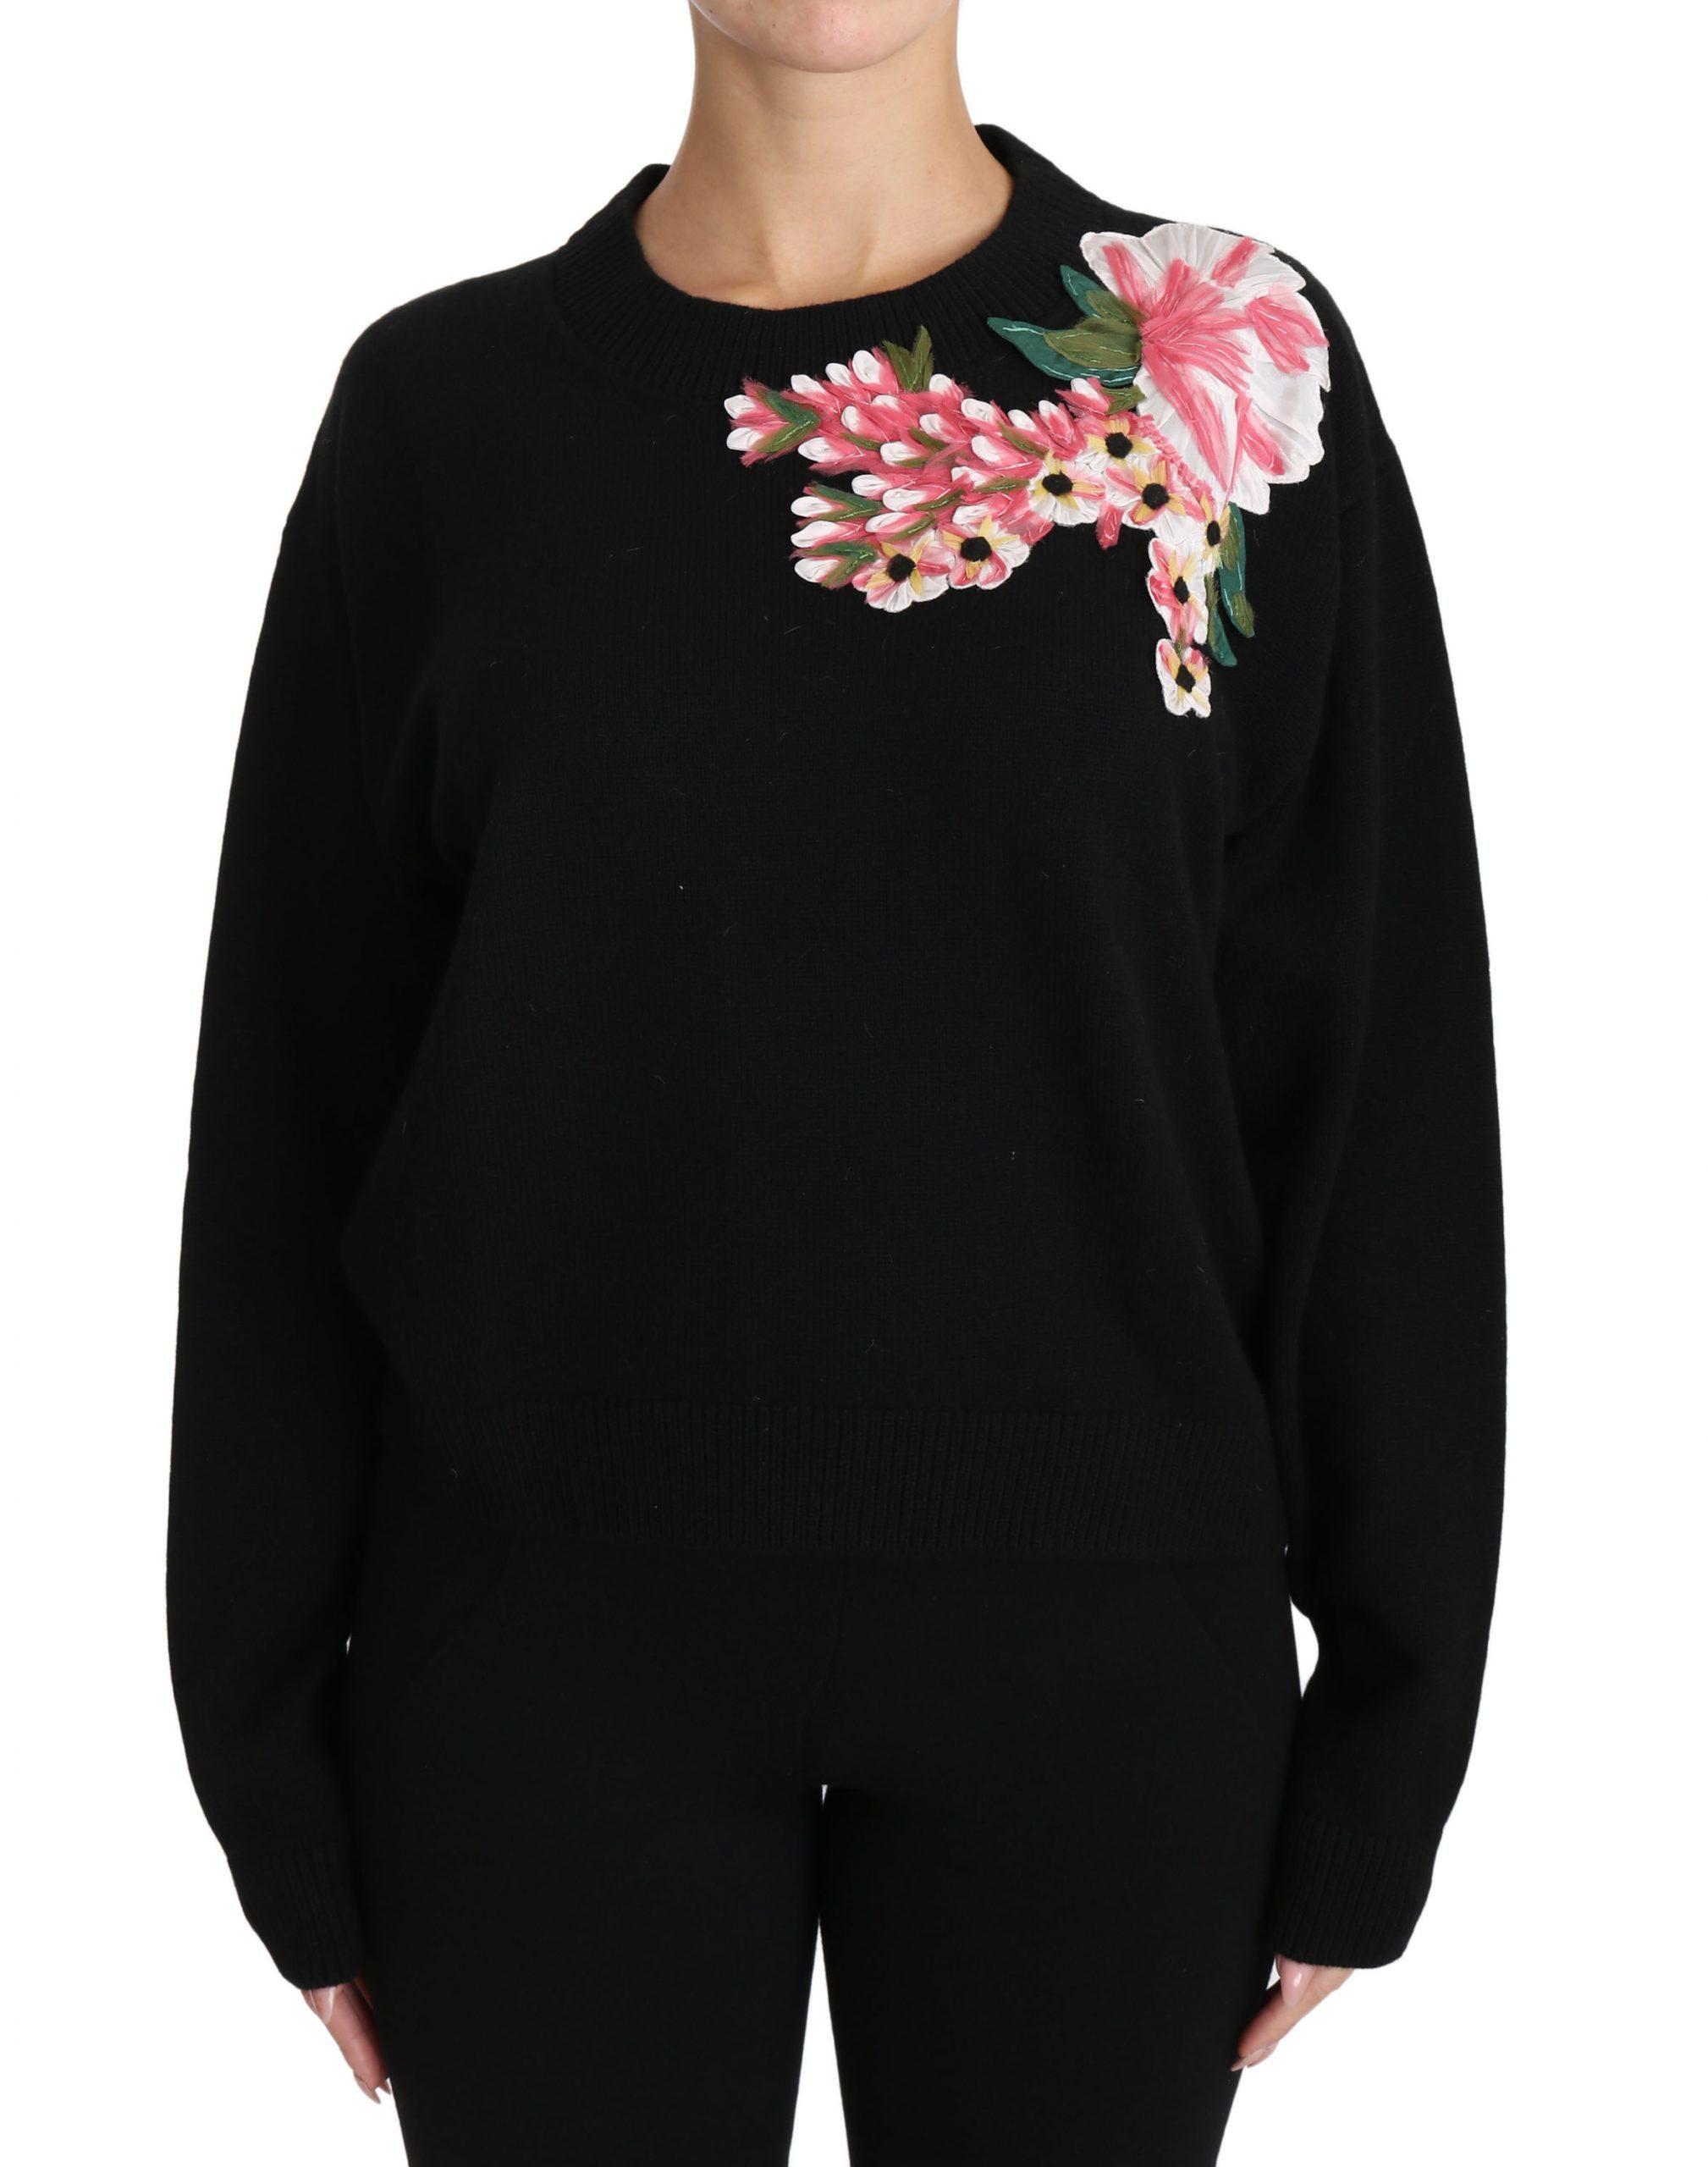 Dolce & Gabbana Women's Cashmere Floral Top Black TSH3090-44 - IT44|L